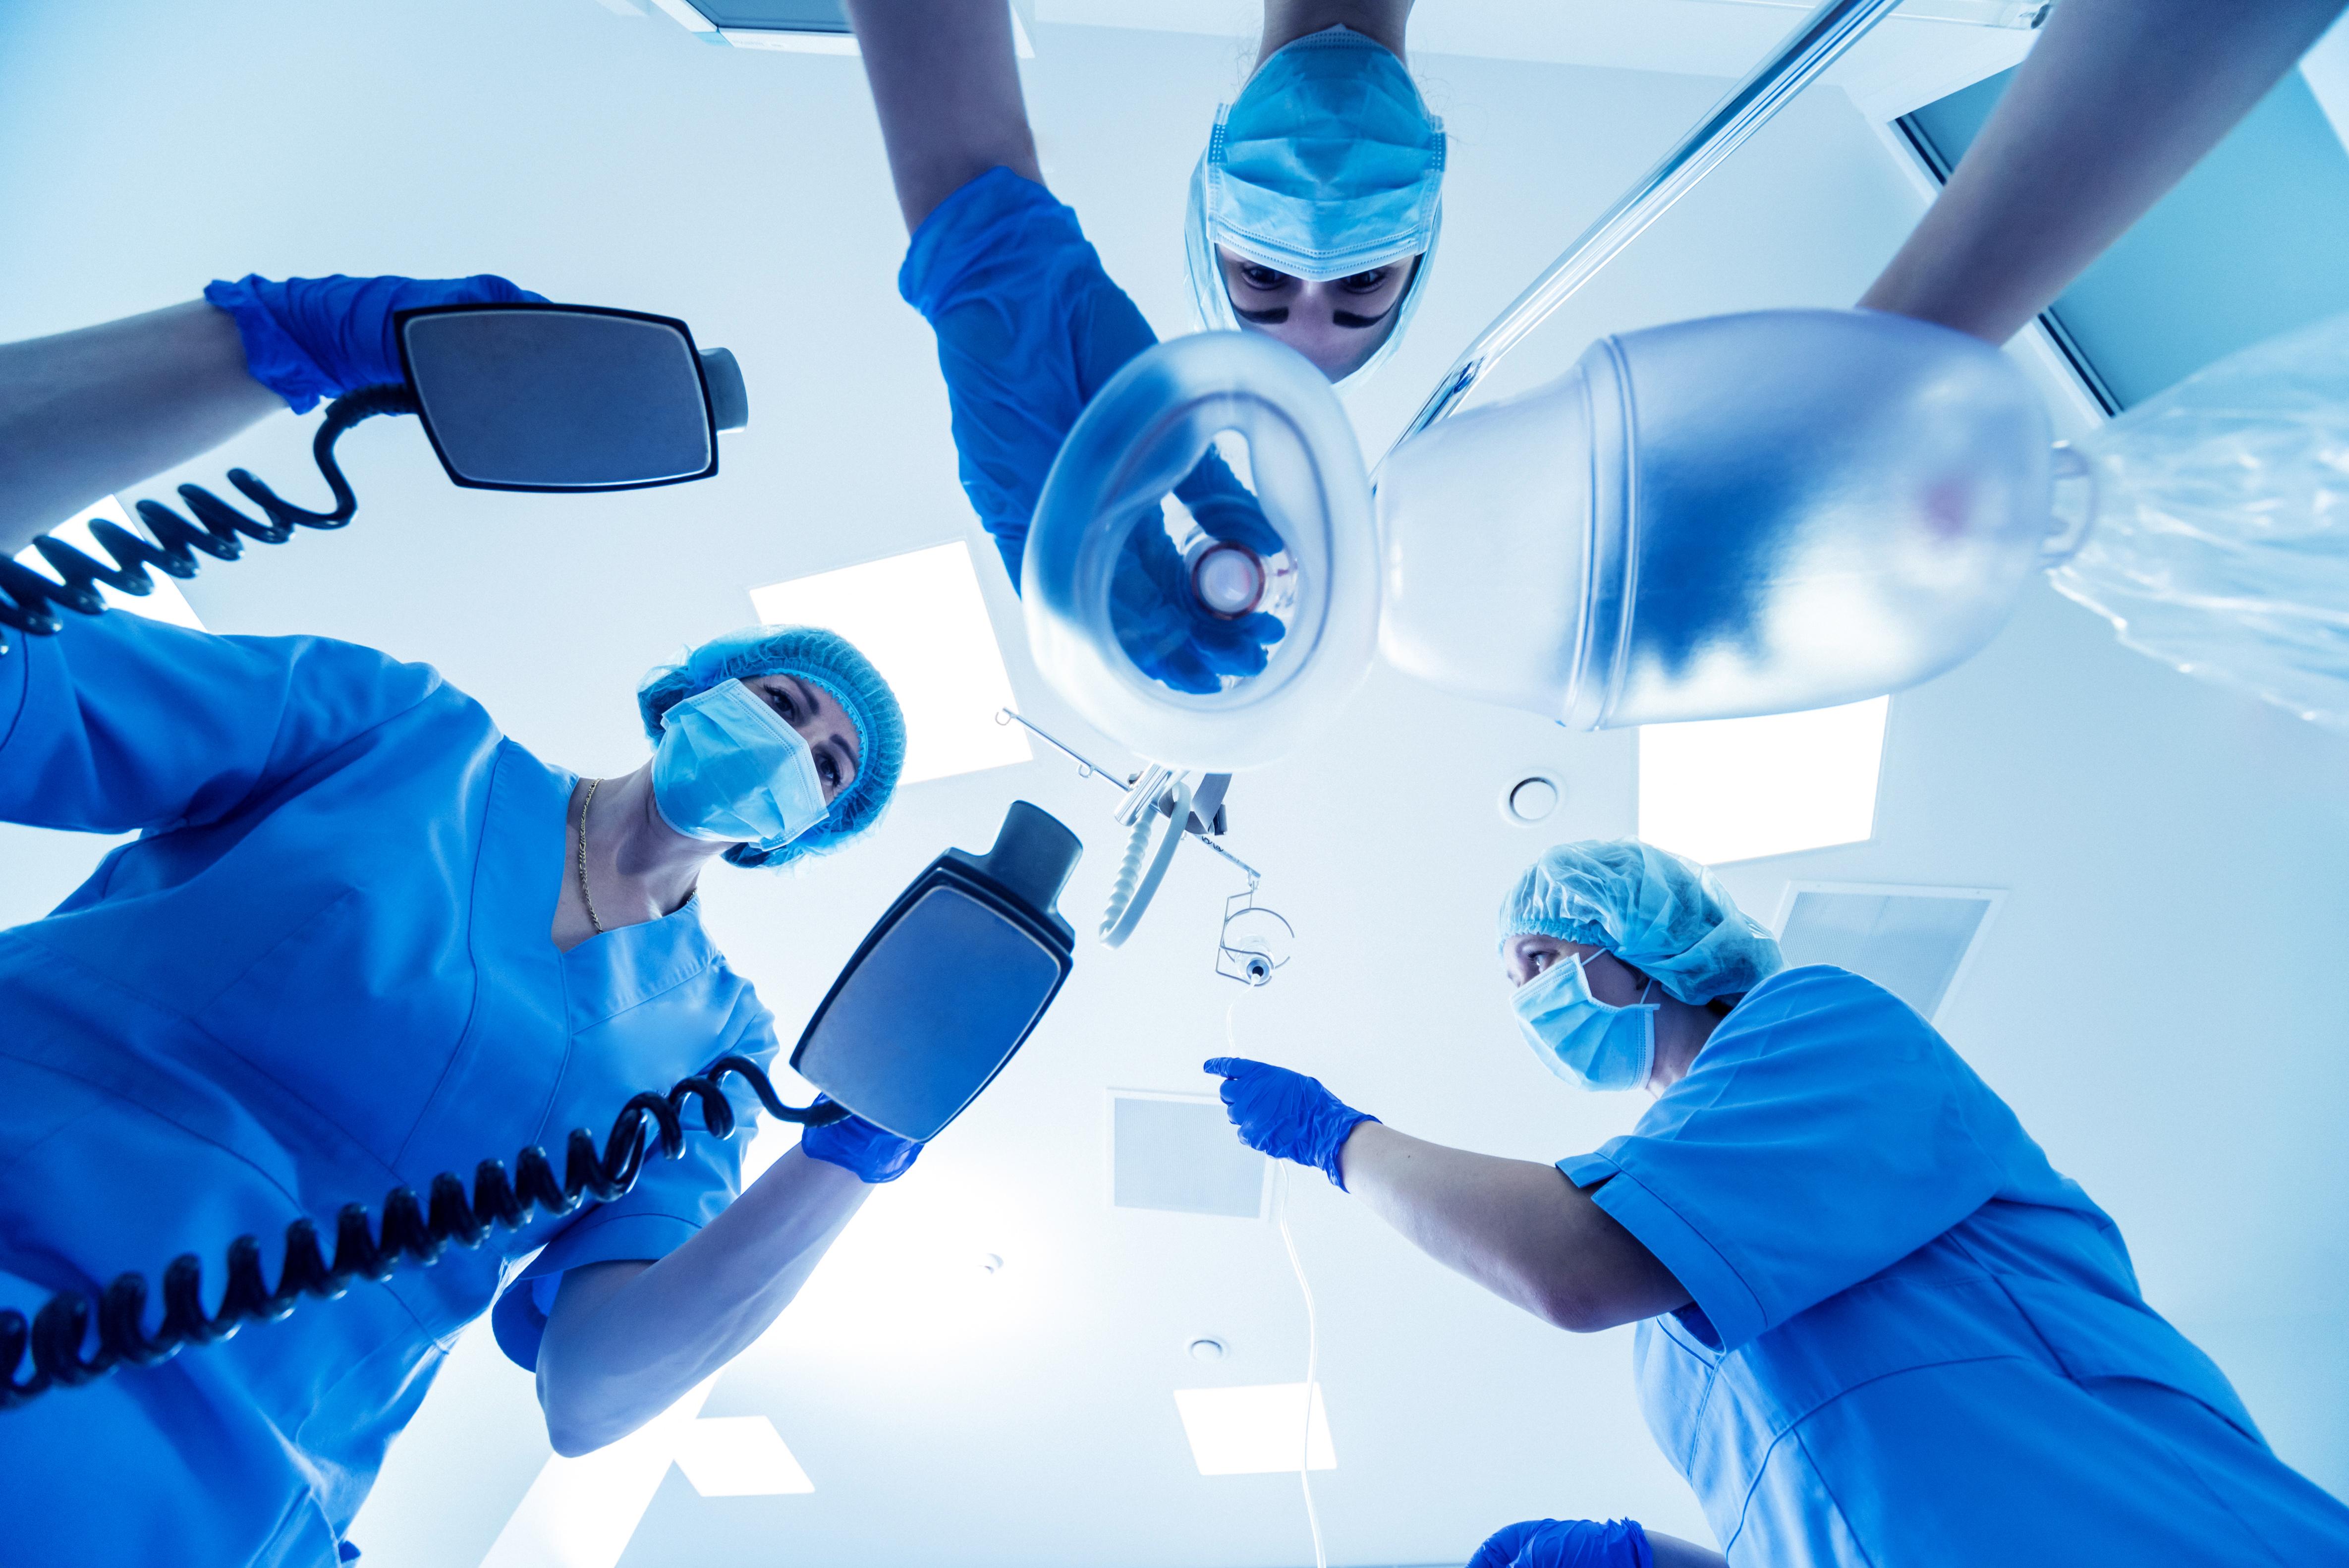 Des décès cardiaques excédentaires et évitables sont constatés durant la pandémie COVID-19 (AdobeStock_283358470)